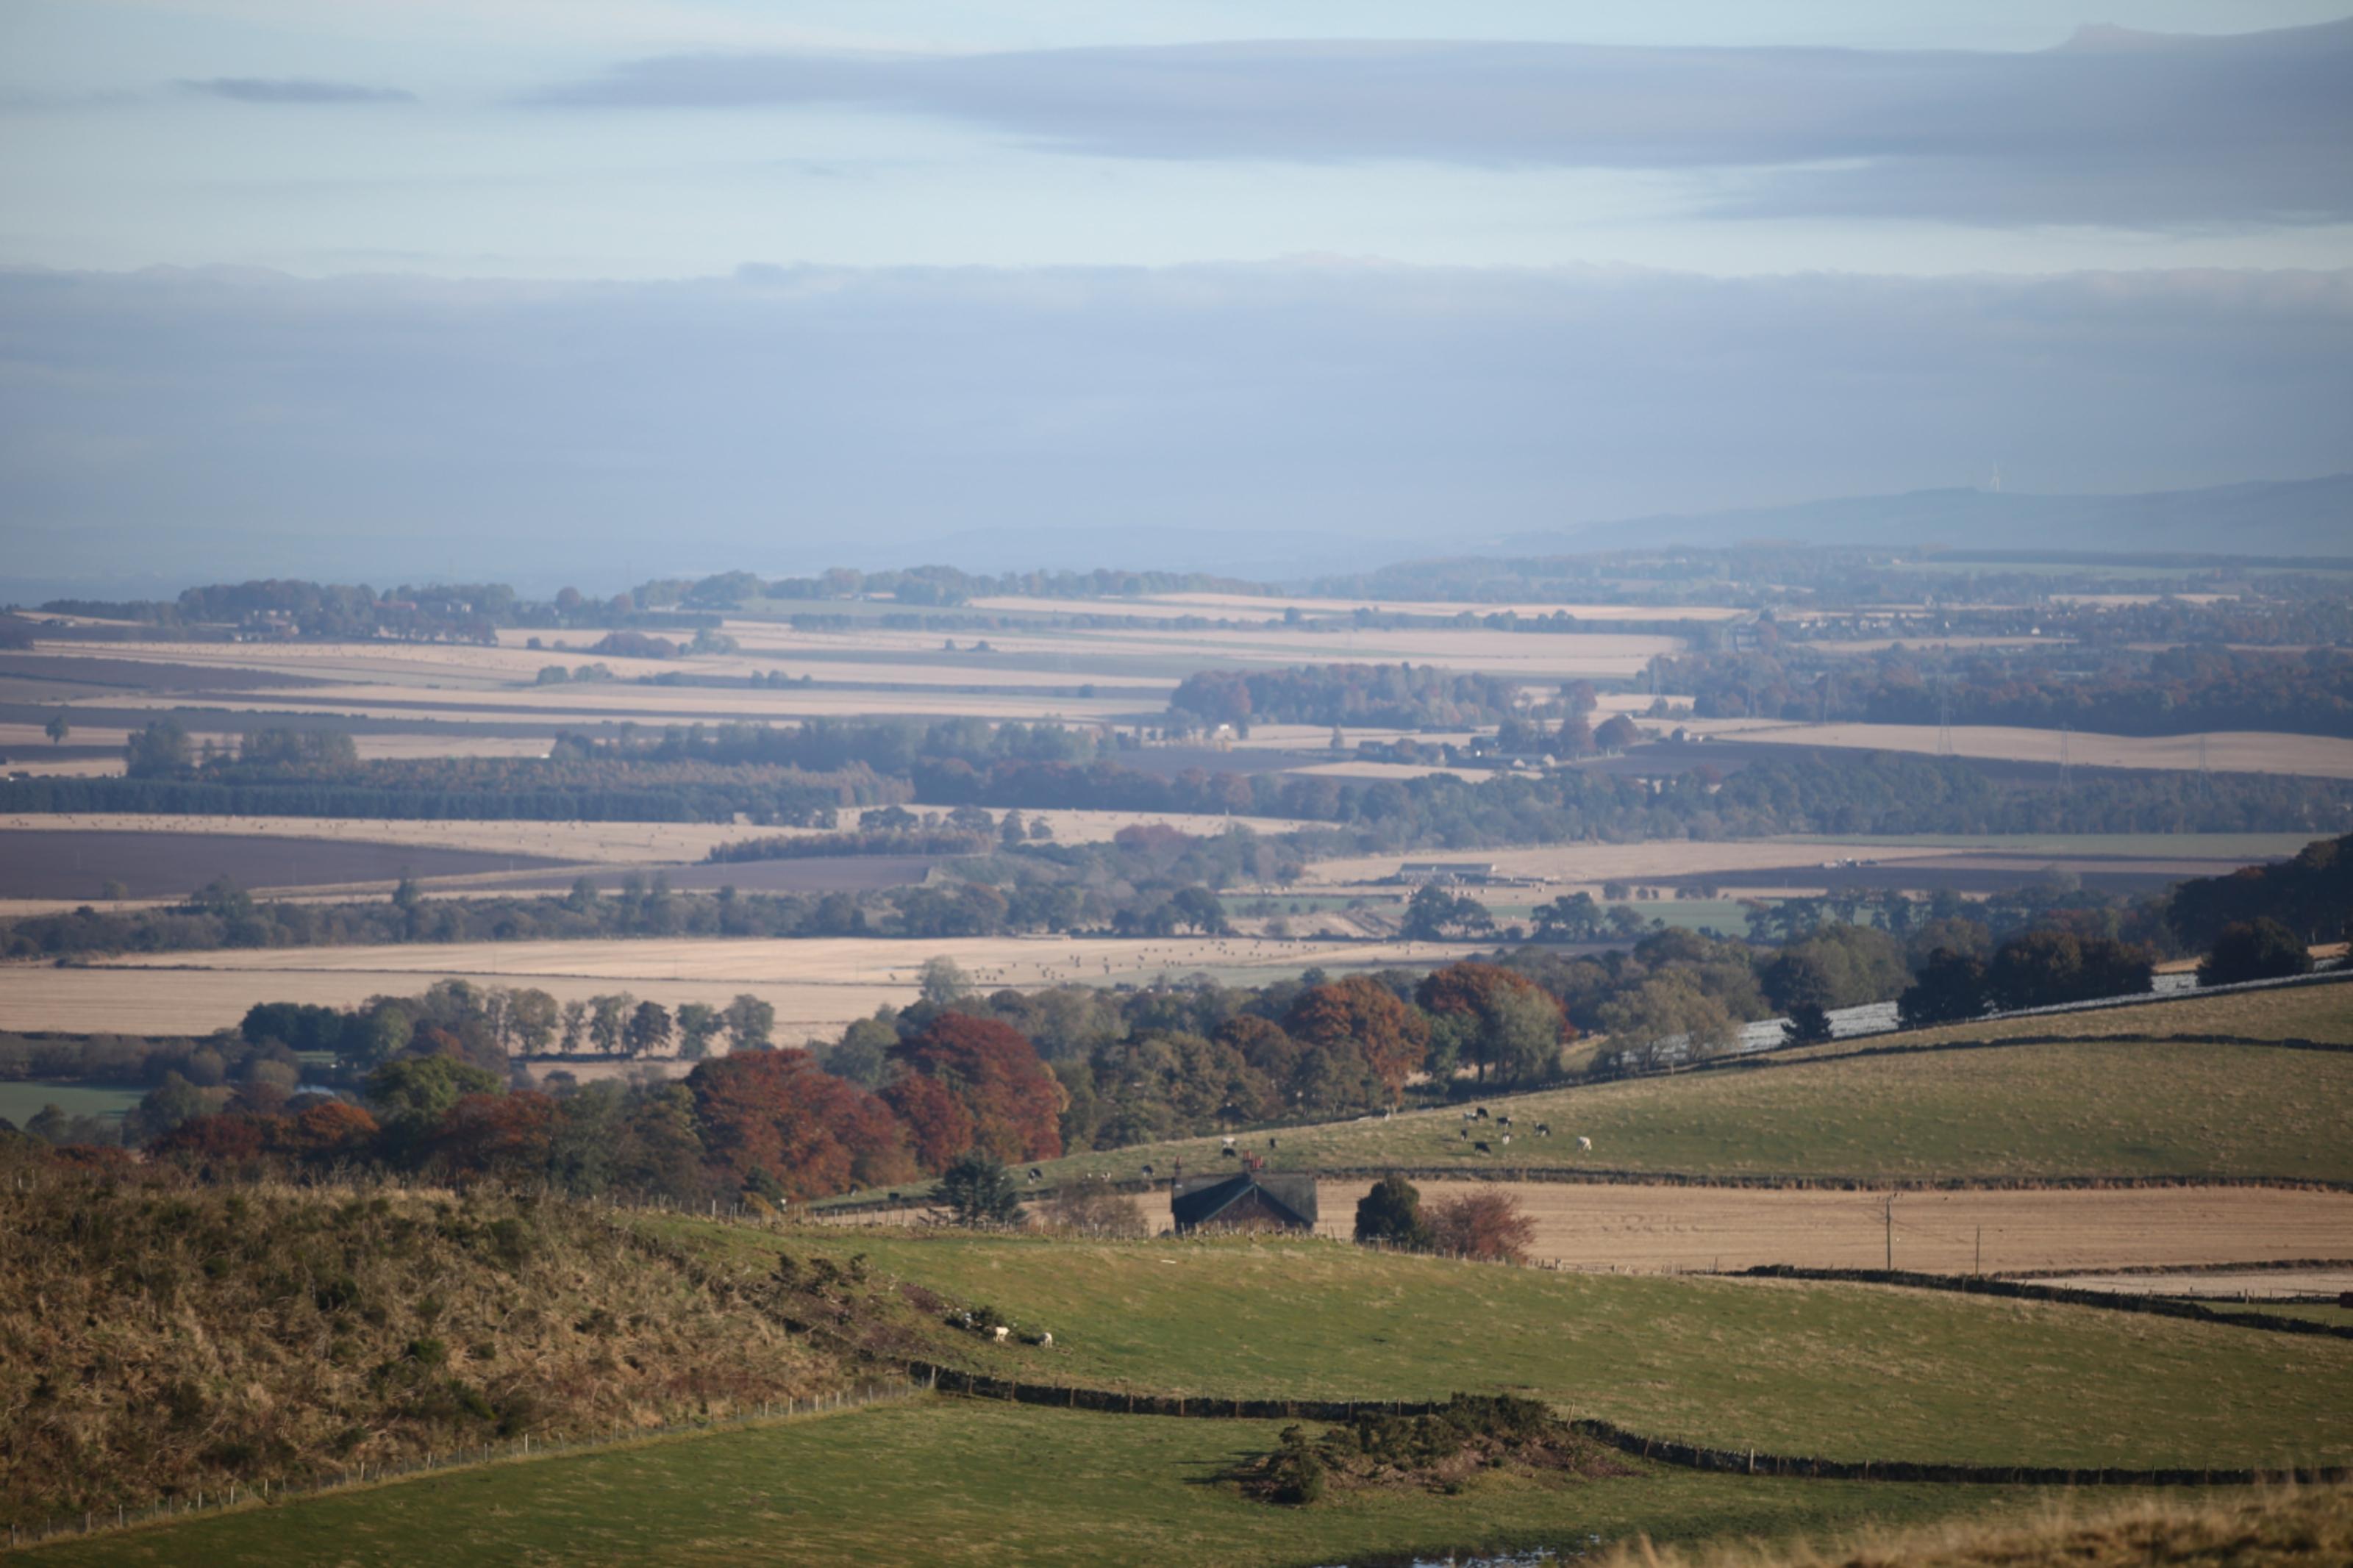 Angus - a patchwork landscape.